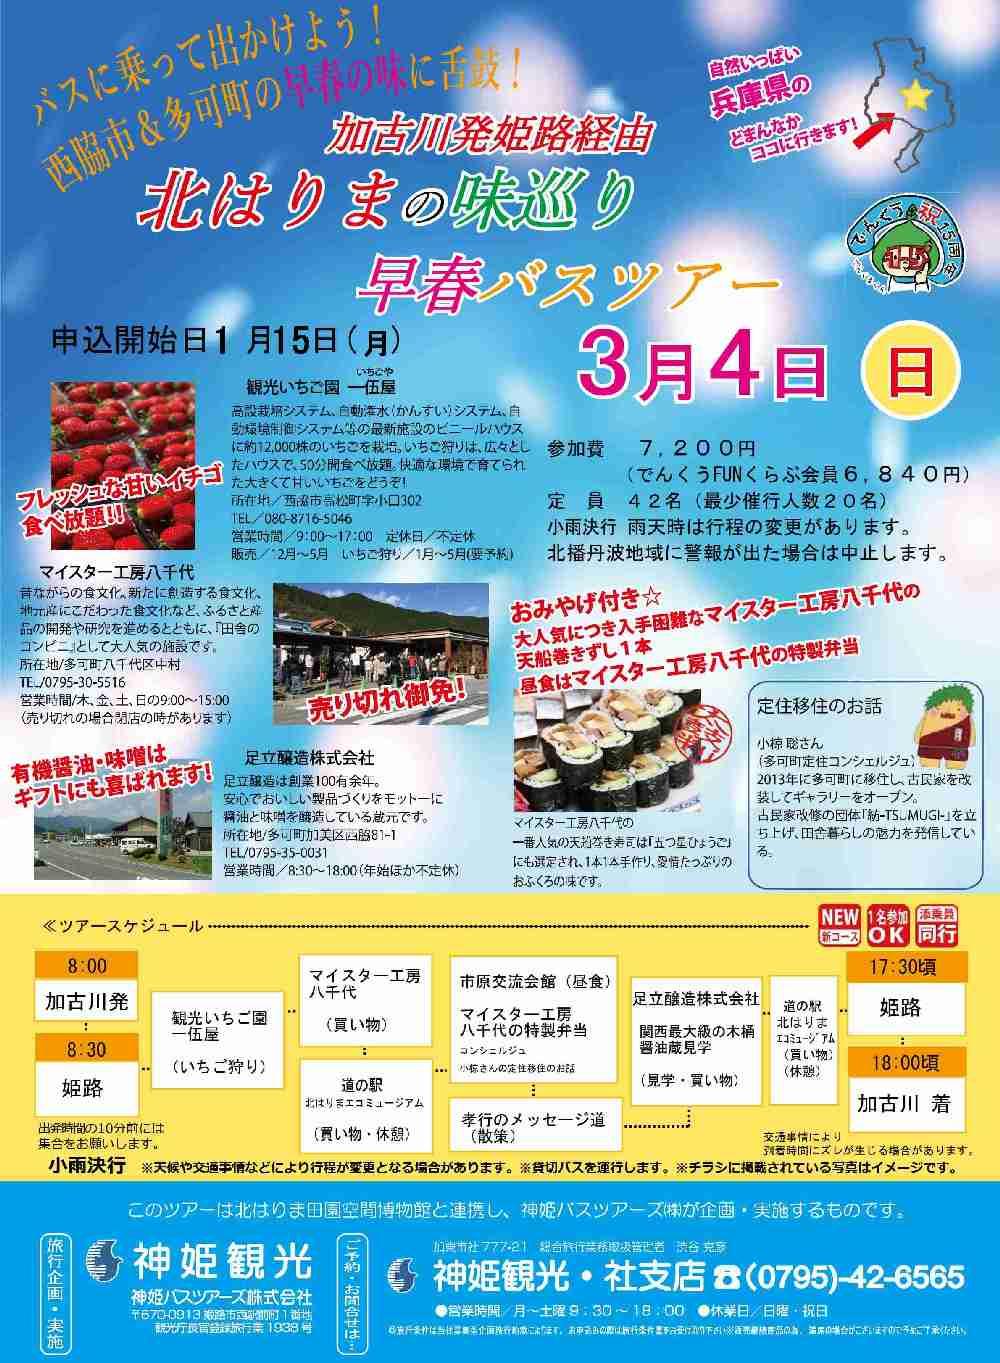 3/4 加古川発バスツアー「北はりまの味巡り 早春のバスツアー」